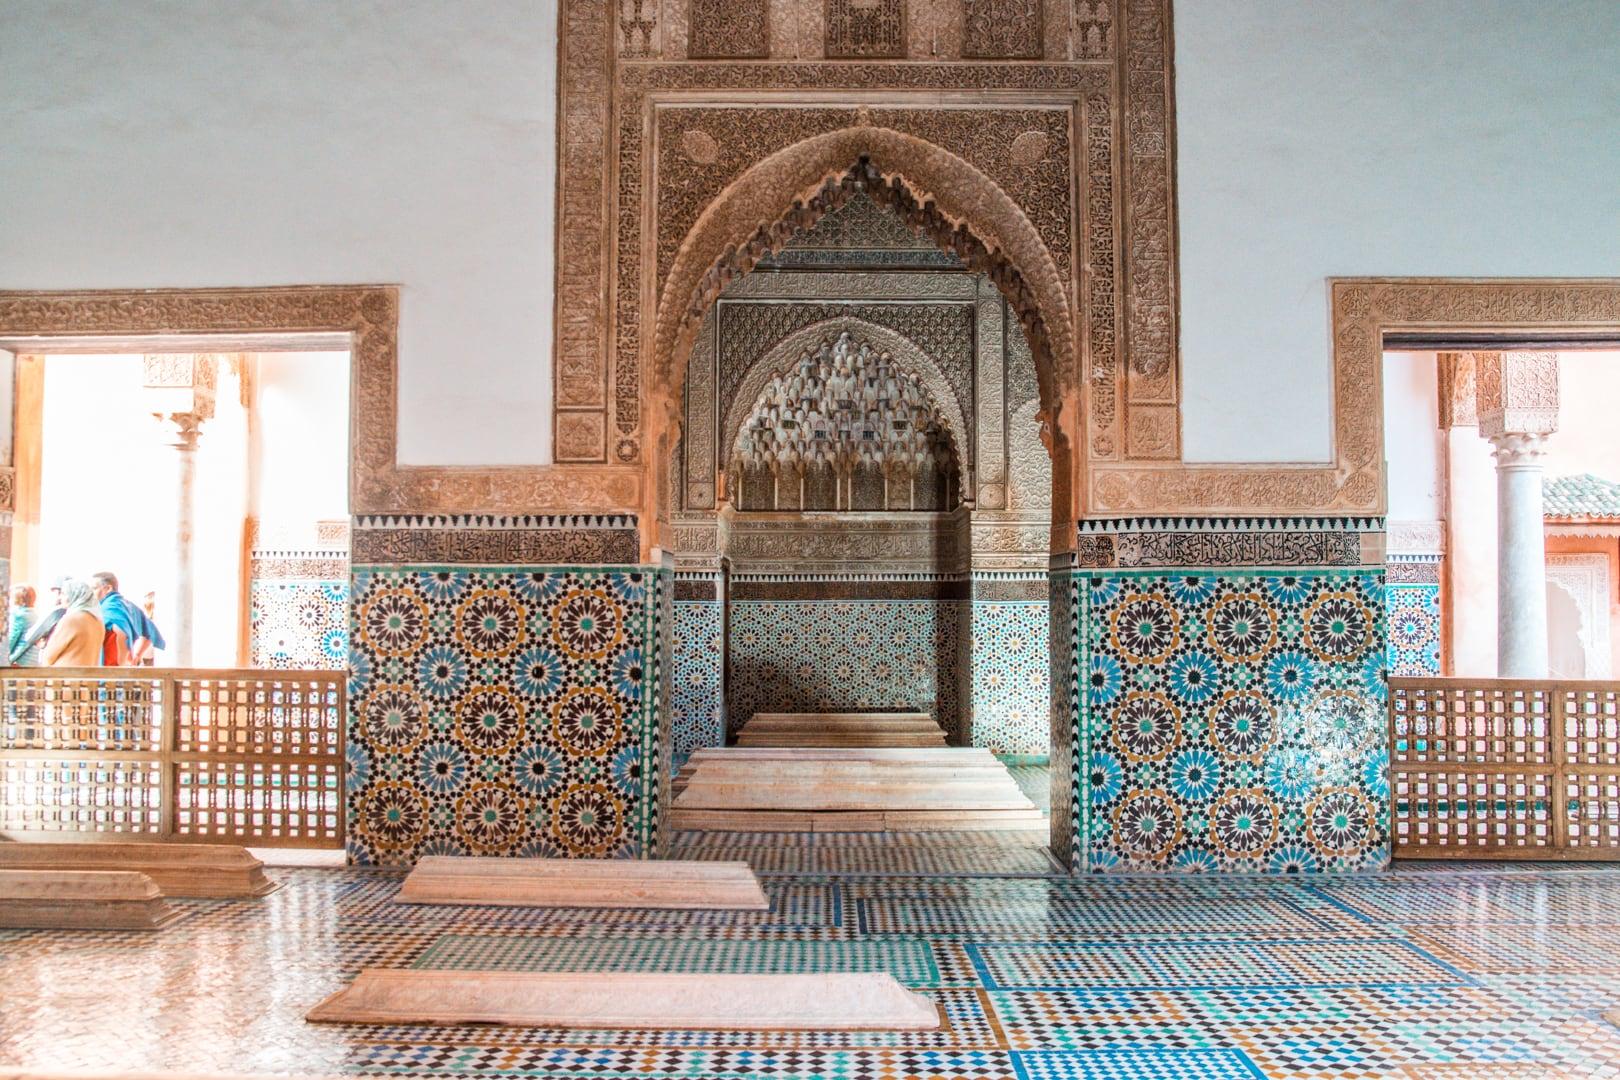 Marrakech Saadiens Tombs Palace4 - Waar verblijven in Marrakech? Dit zijn de 15 leukste Riads voor ieder budget